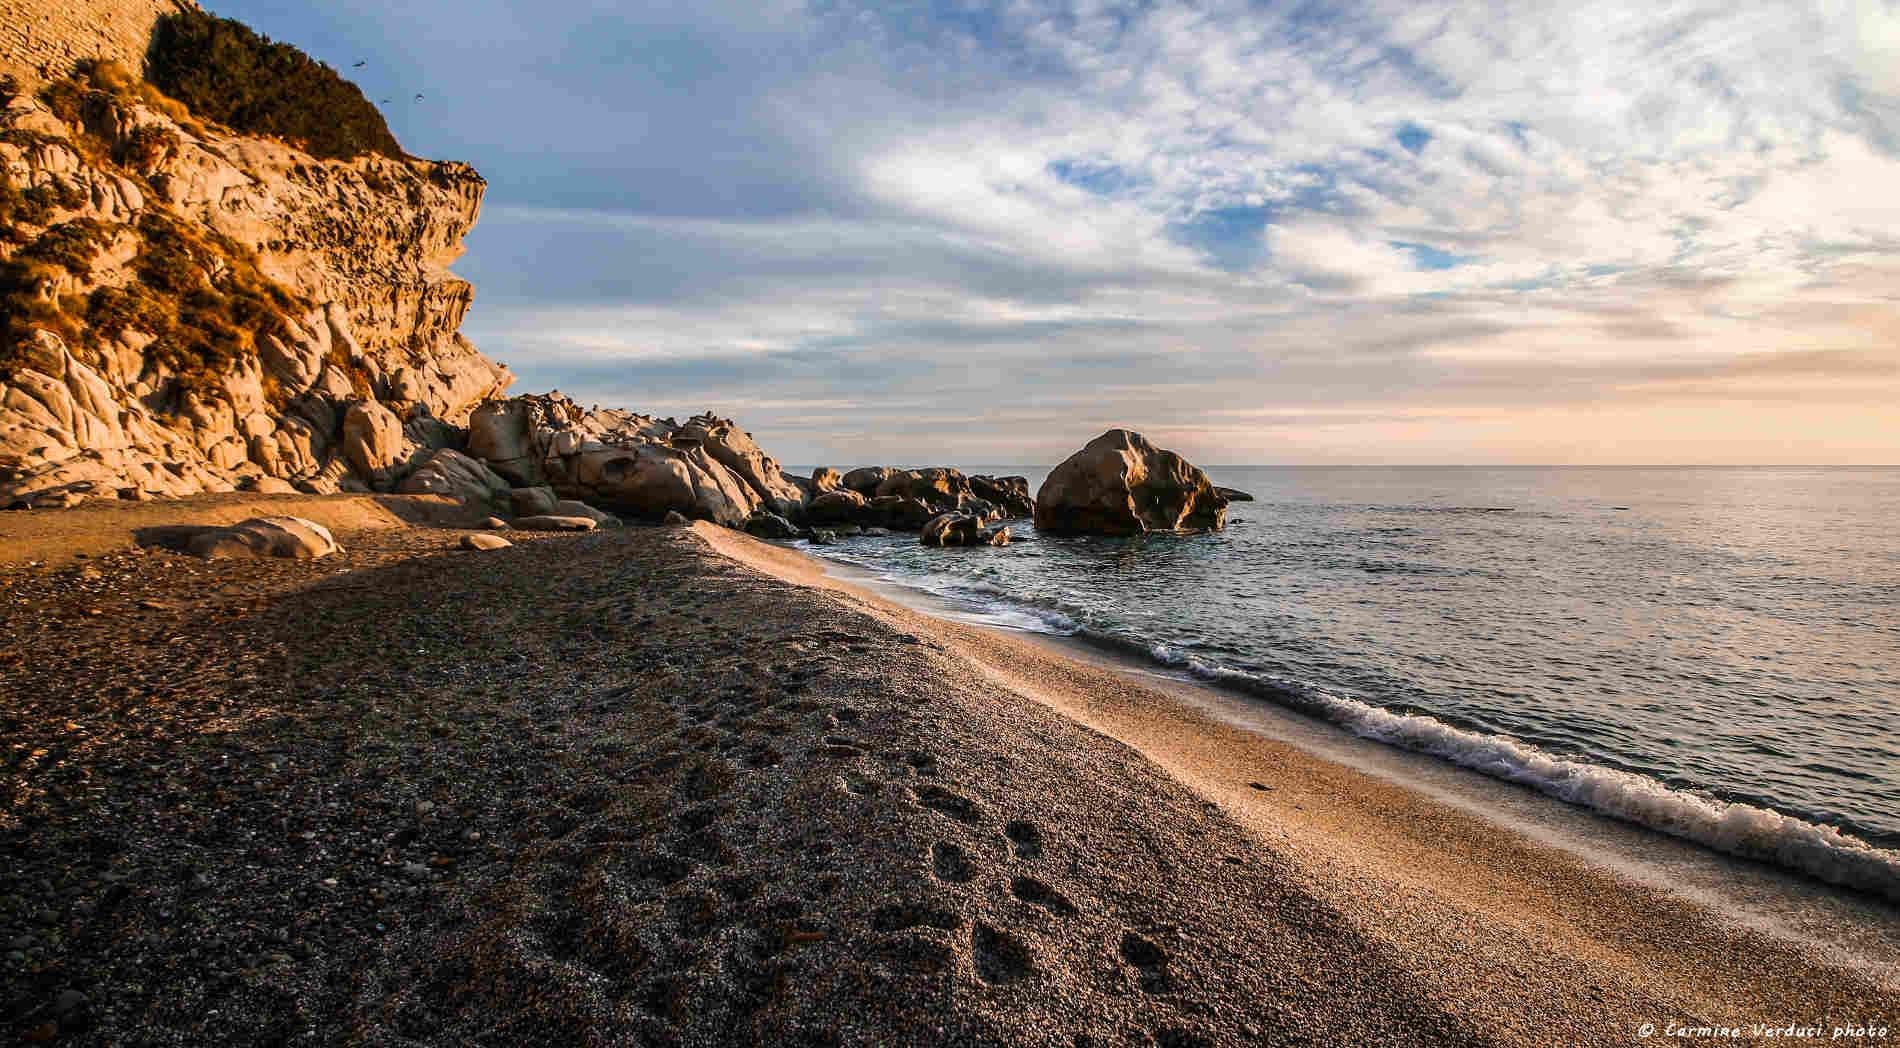 Spiaggia di Capo Bruzzano Vacanze sulla Costa ionica di Reggio calabriaVacanze sulla Costa ionica di Reggio Calabria